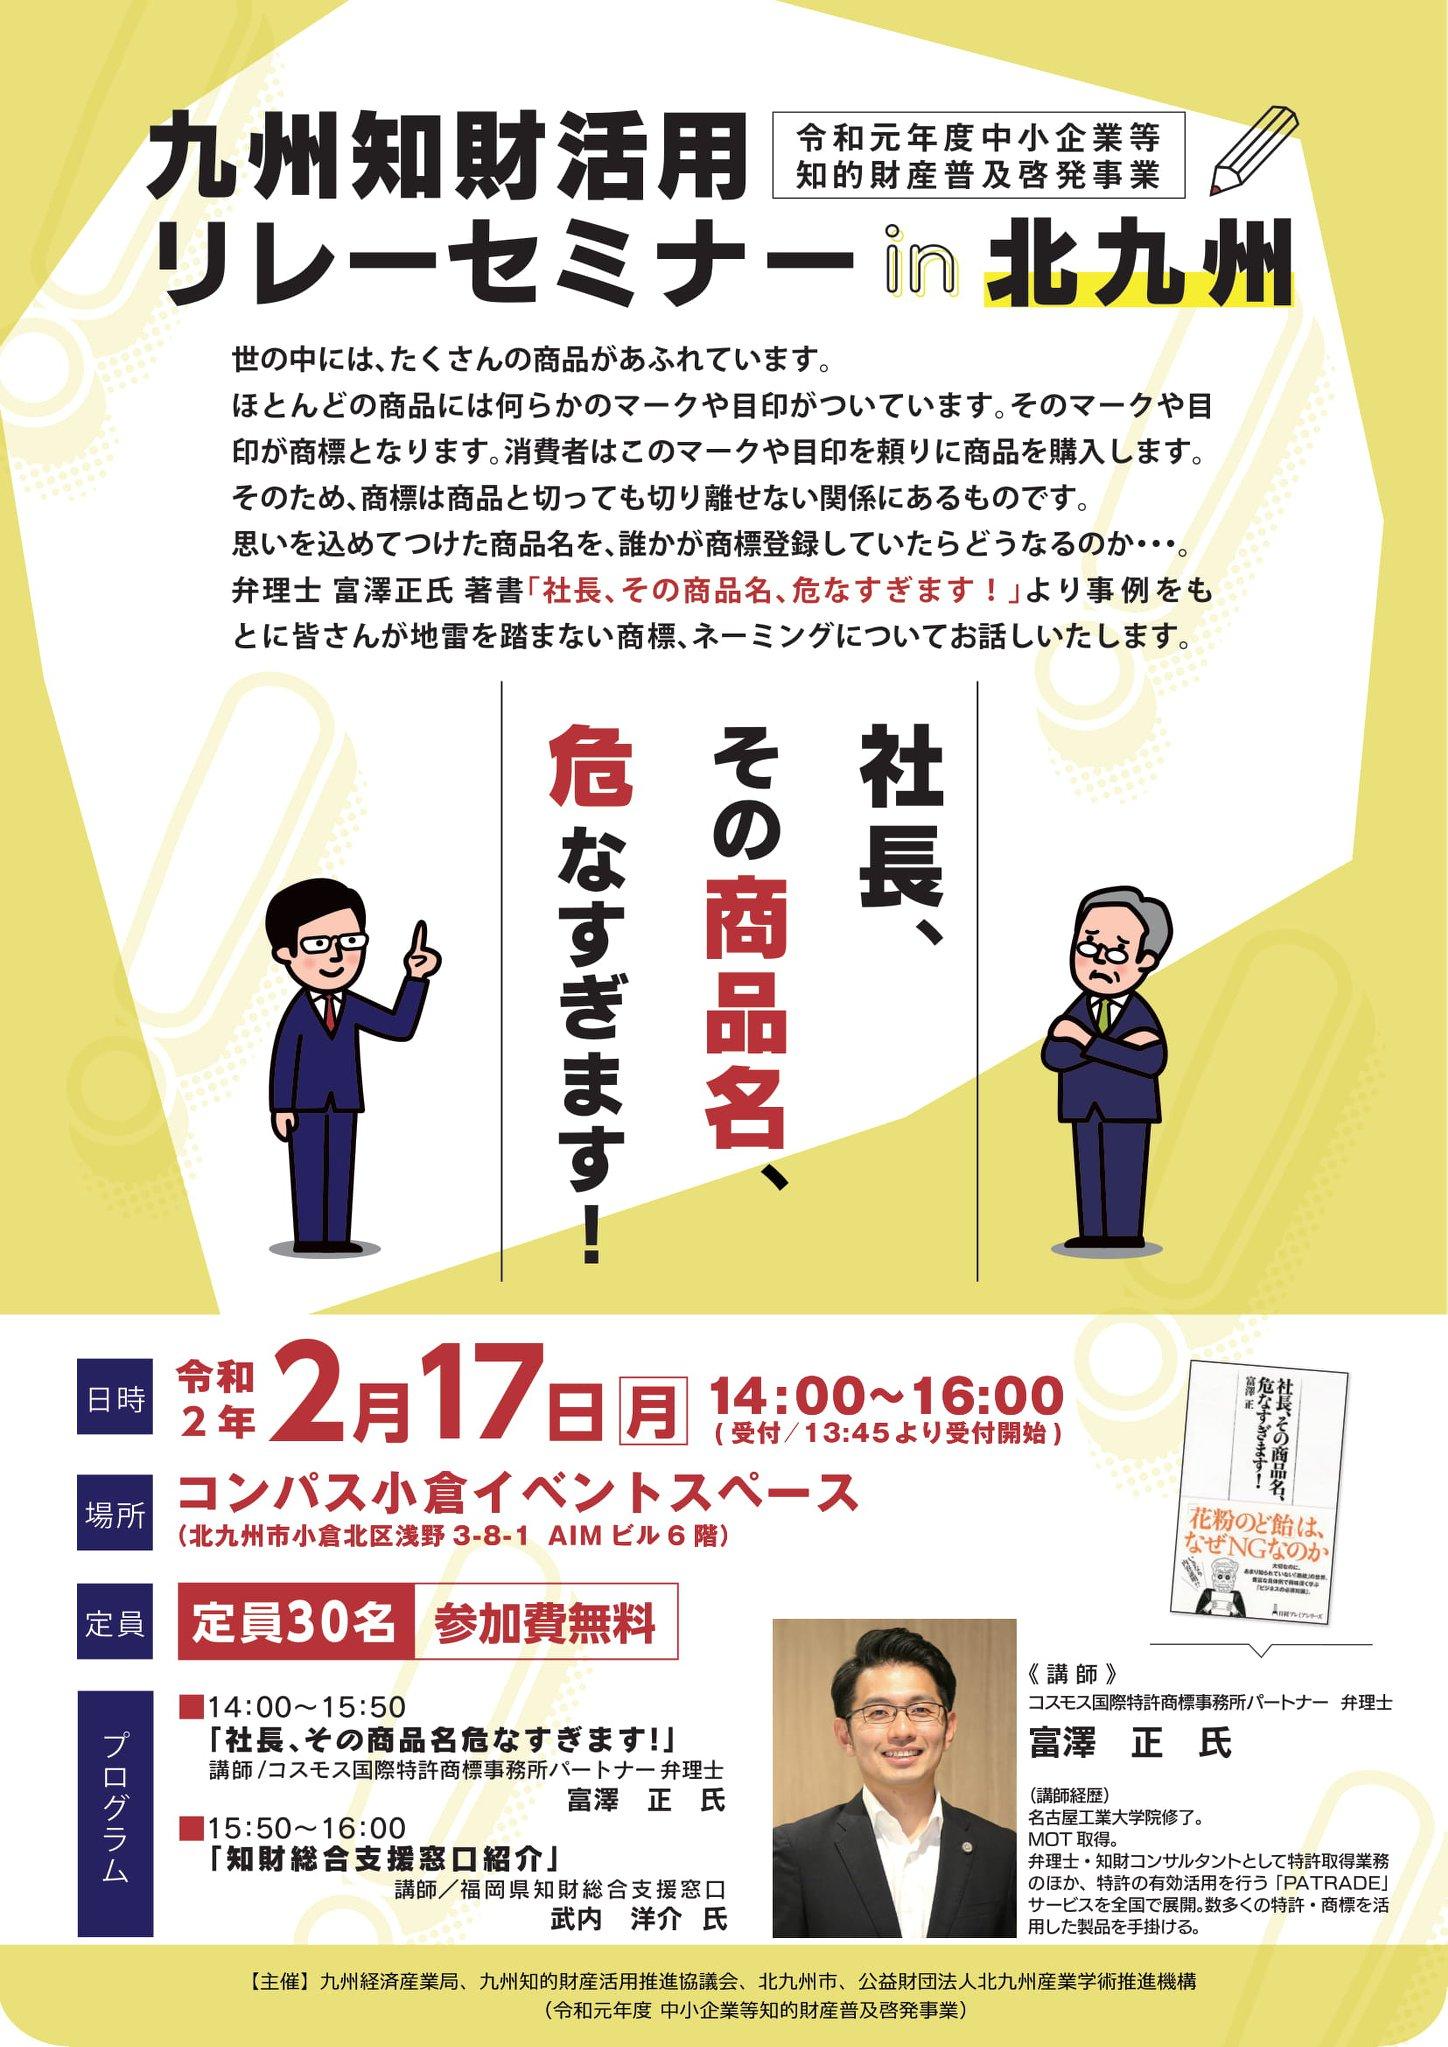 「社長、その商品名危なすぎます!」九州知財活用リレーセミナーin北九州メイン画像